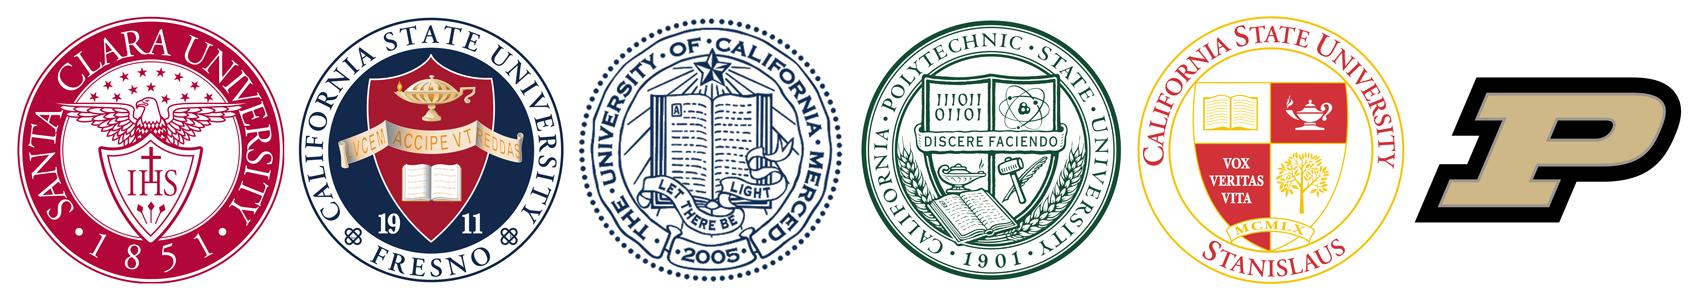 Bronco Wine Company Philanthropy Colleges